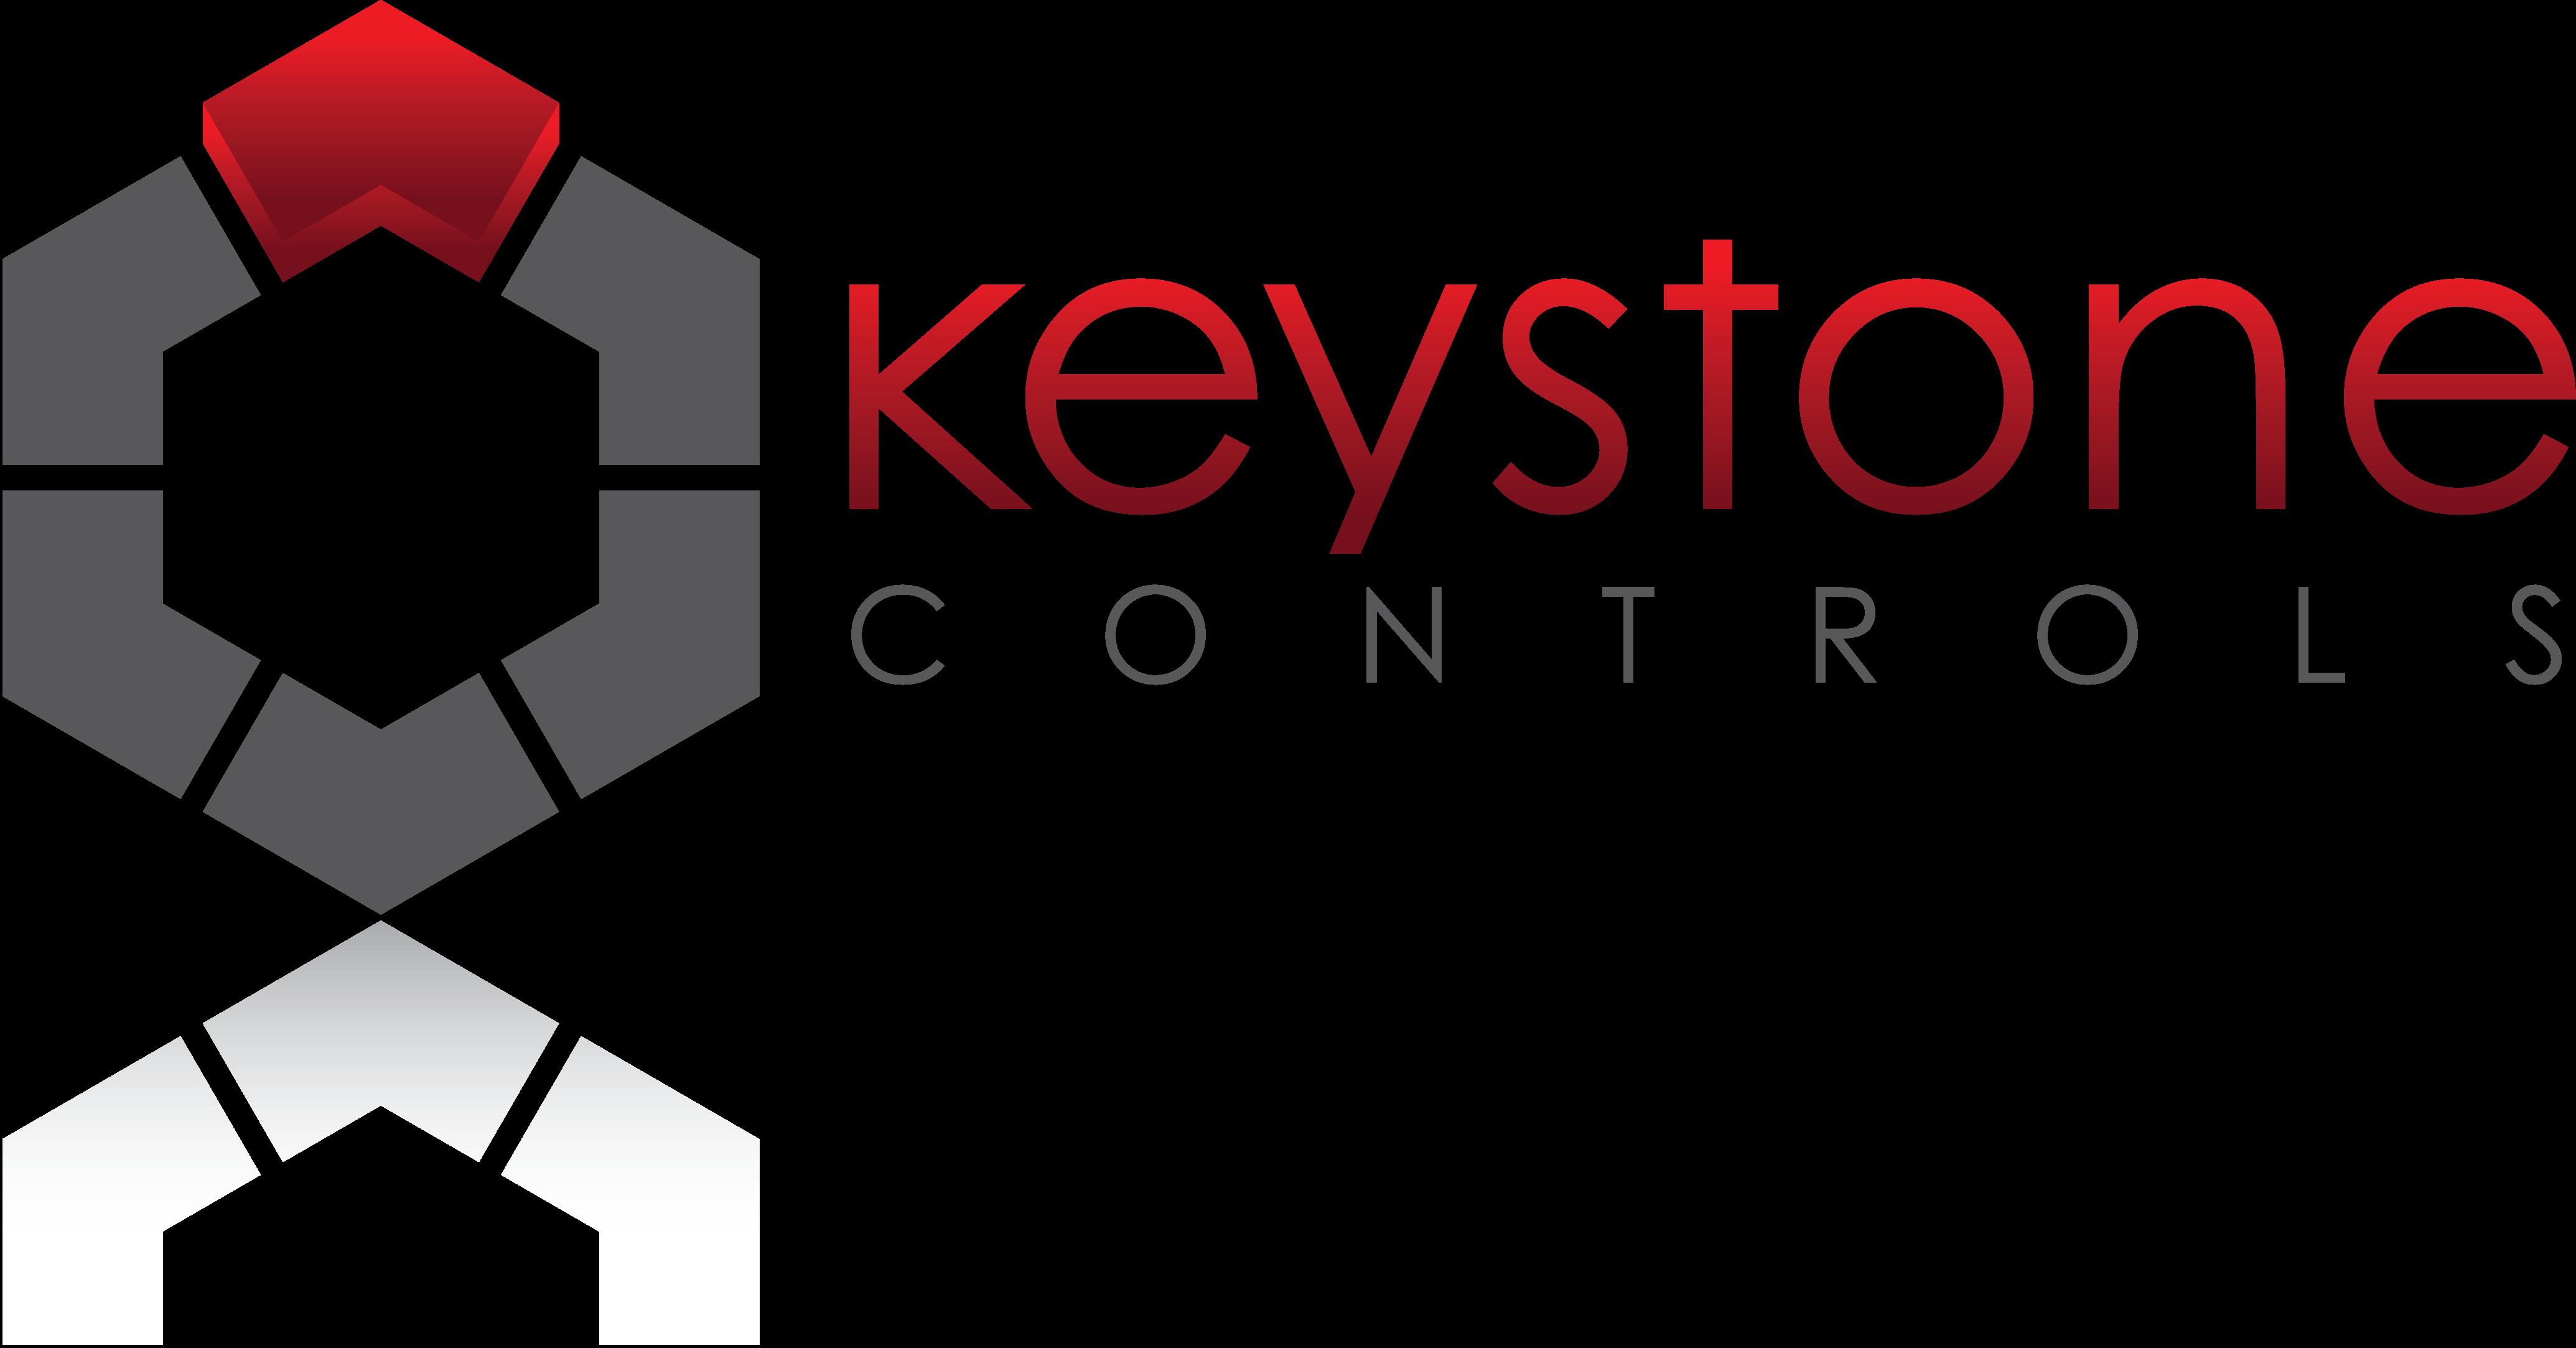 Keystone Control